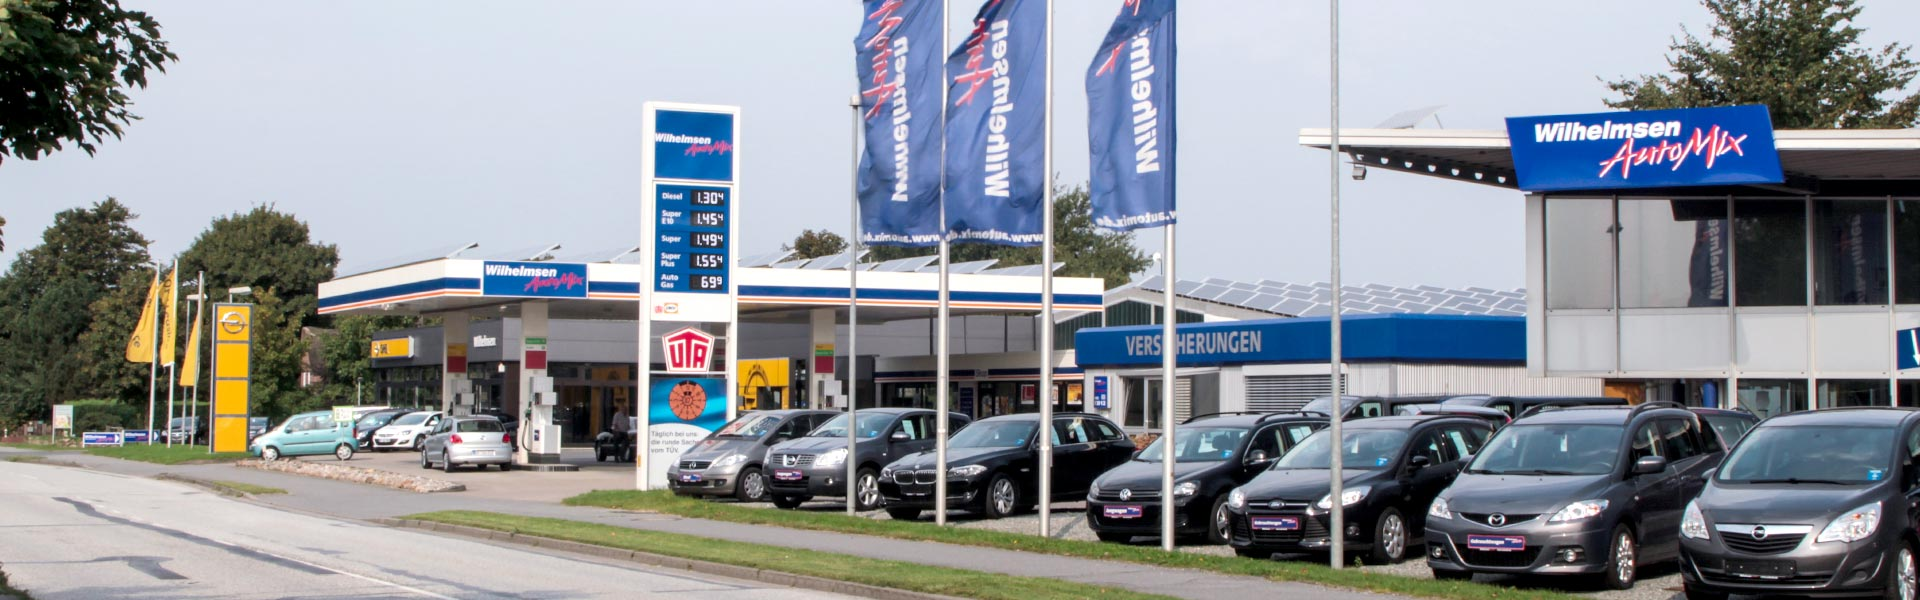 Wilhelmsen AutoMix in Enge-Sande an der B5